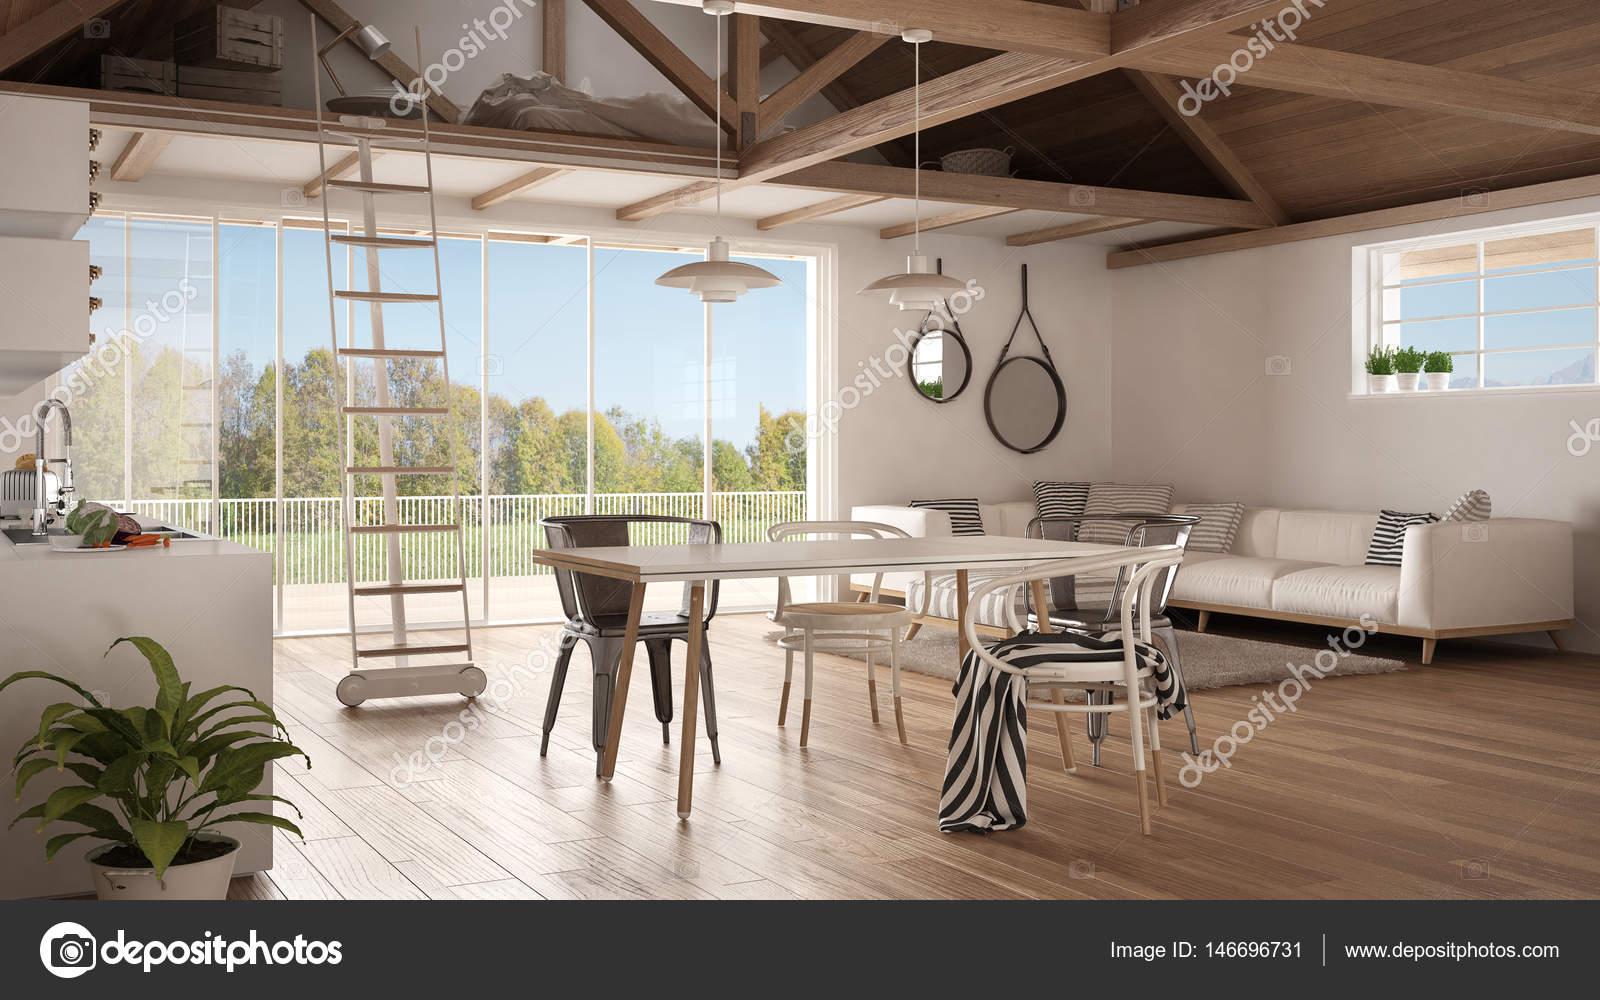 Minimalistische mezzanine loft keuken woon en slaapkamer